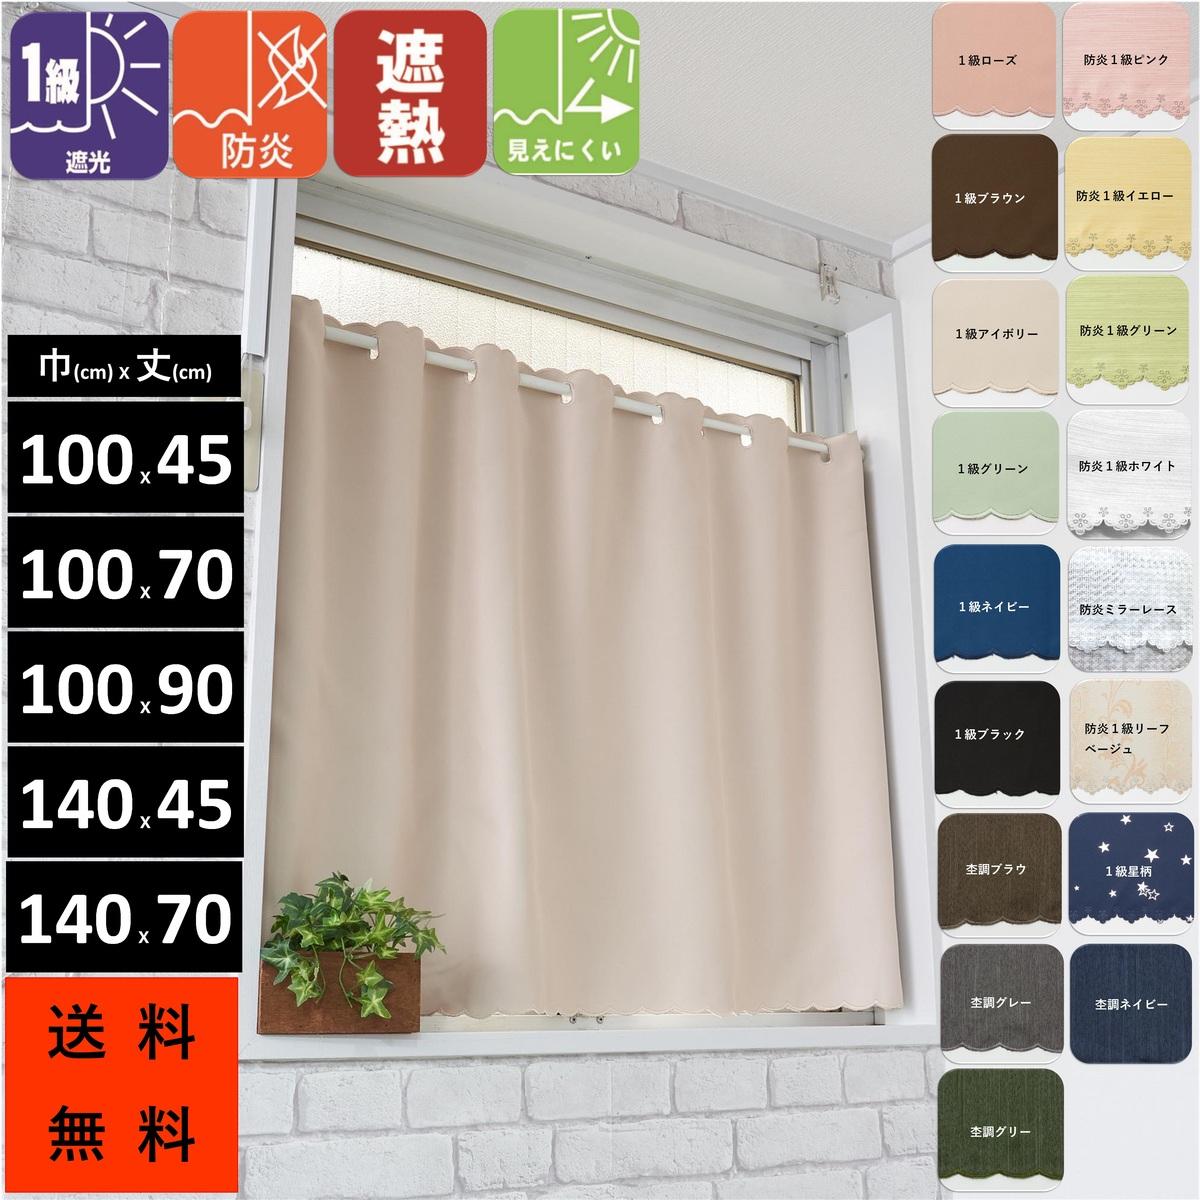 評価 カフェカーテン 遮光 1級 2級 北欧 おしゃれ 断熱 遮熱紫外線 通信販売 UV 丈45cm 小窓 小窓用 送料無料 激安 対策 幅100 安い セール